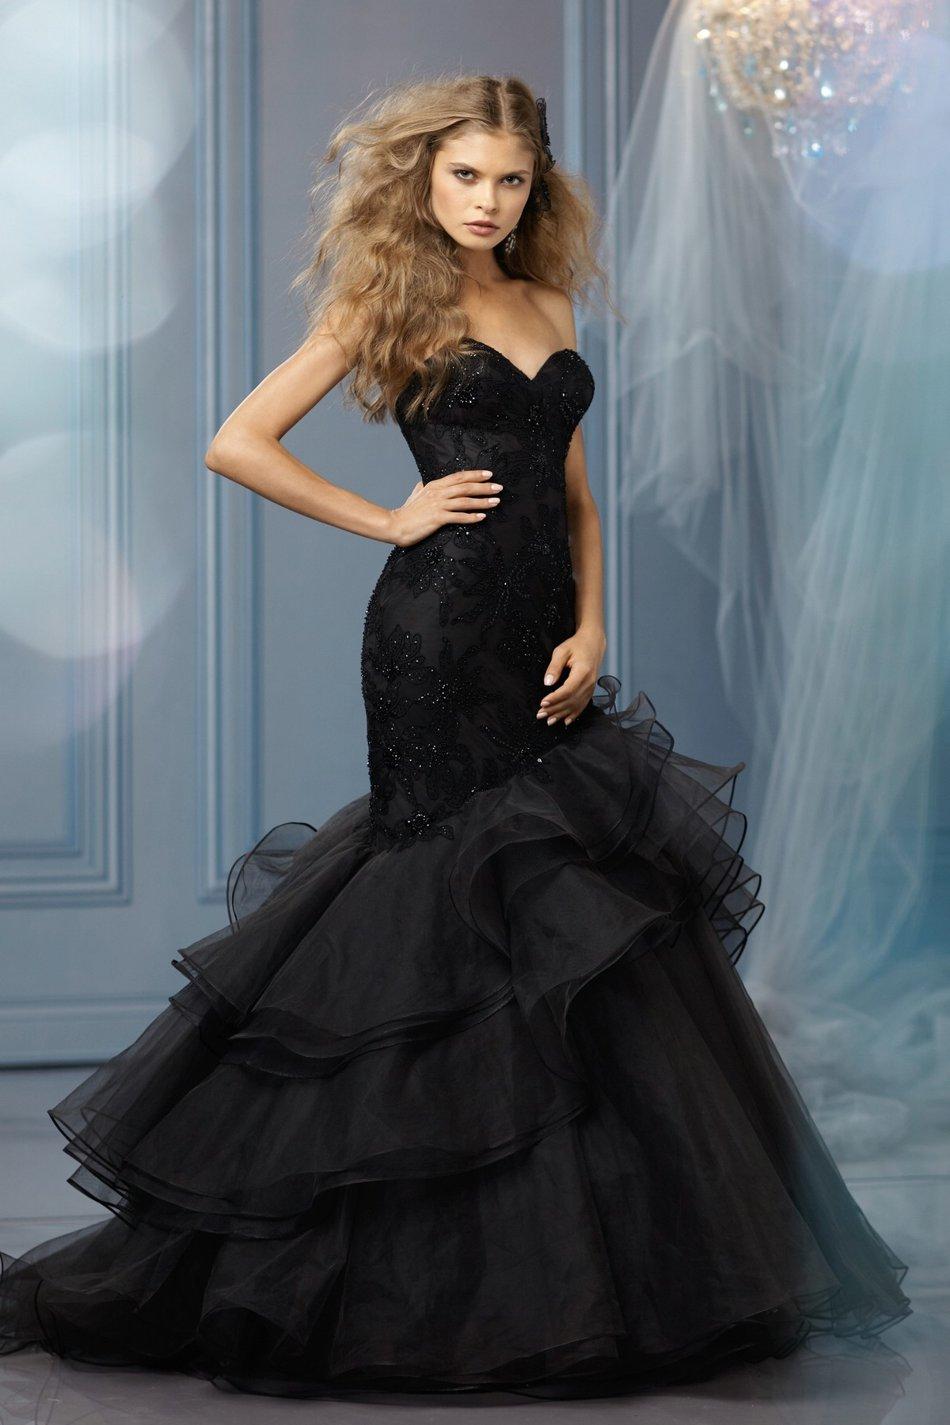 1ce65d95475 Черные свадебные платья  дьявольские или гламурные  - My Press-Release